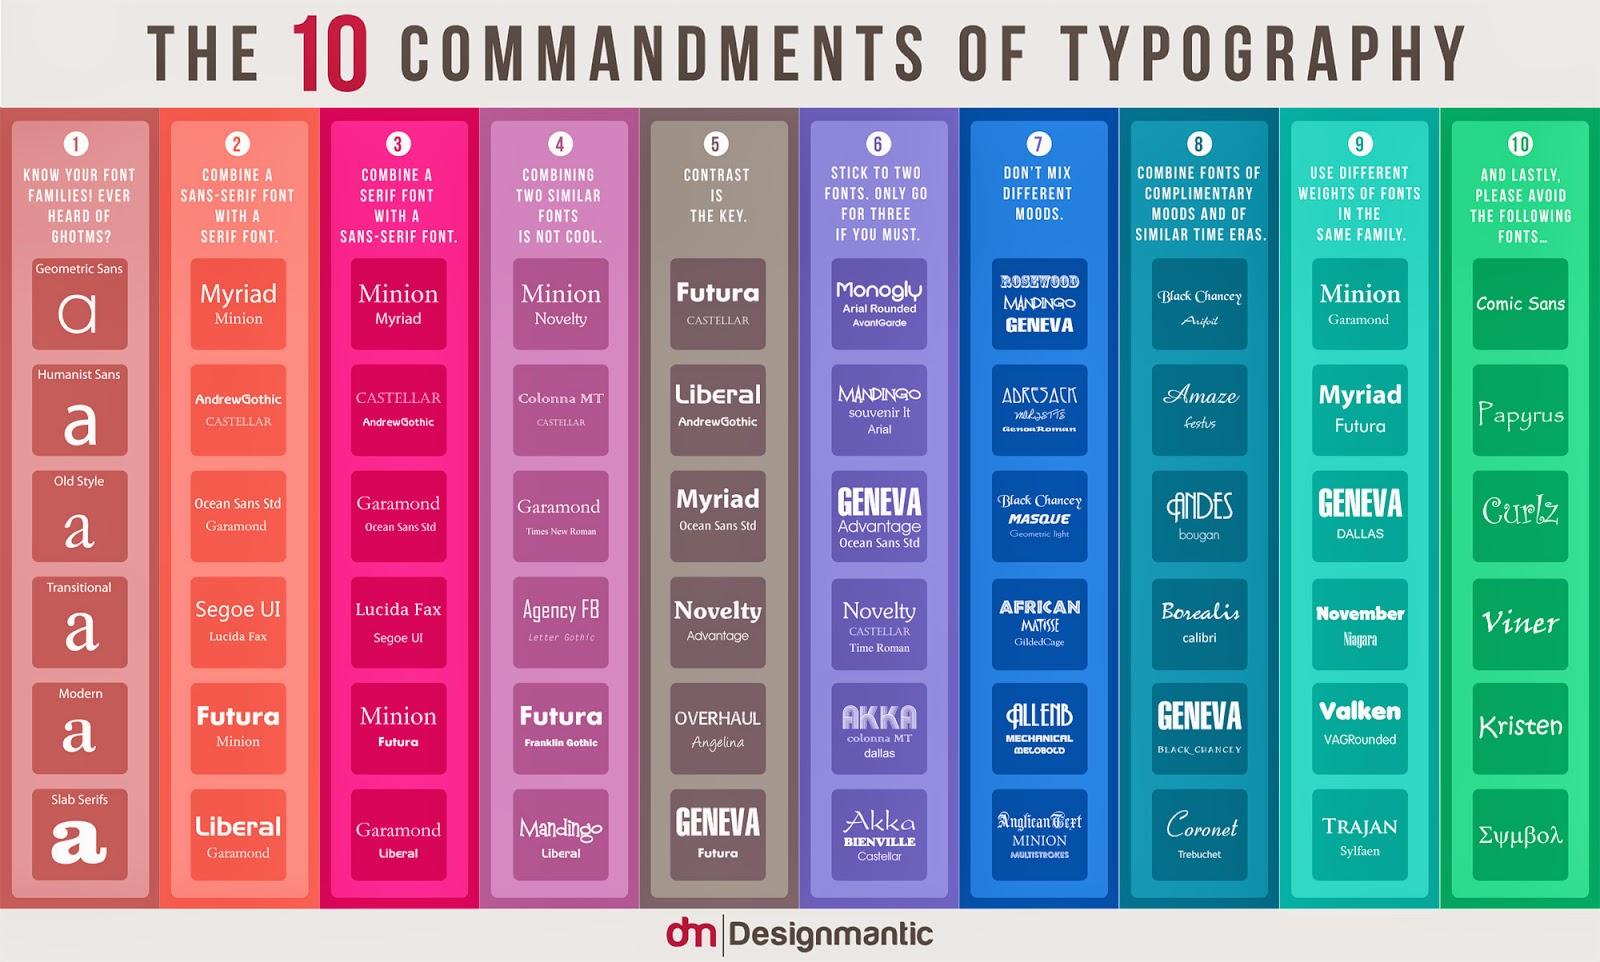 sobre tipografia los 10 mandamientos de la tipografia